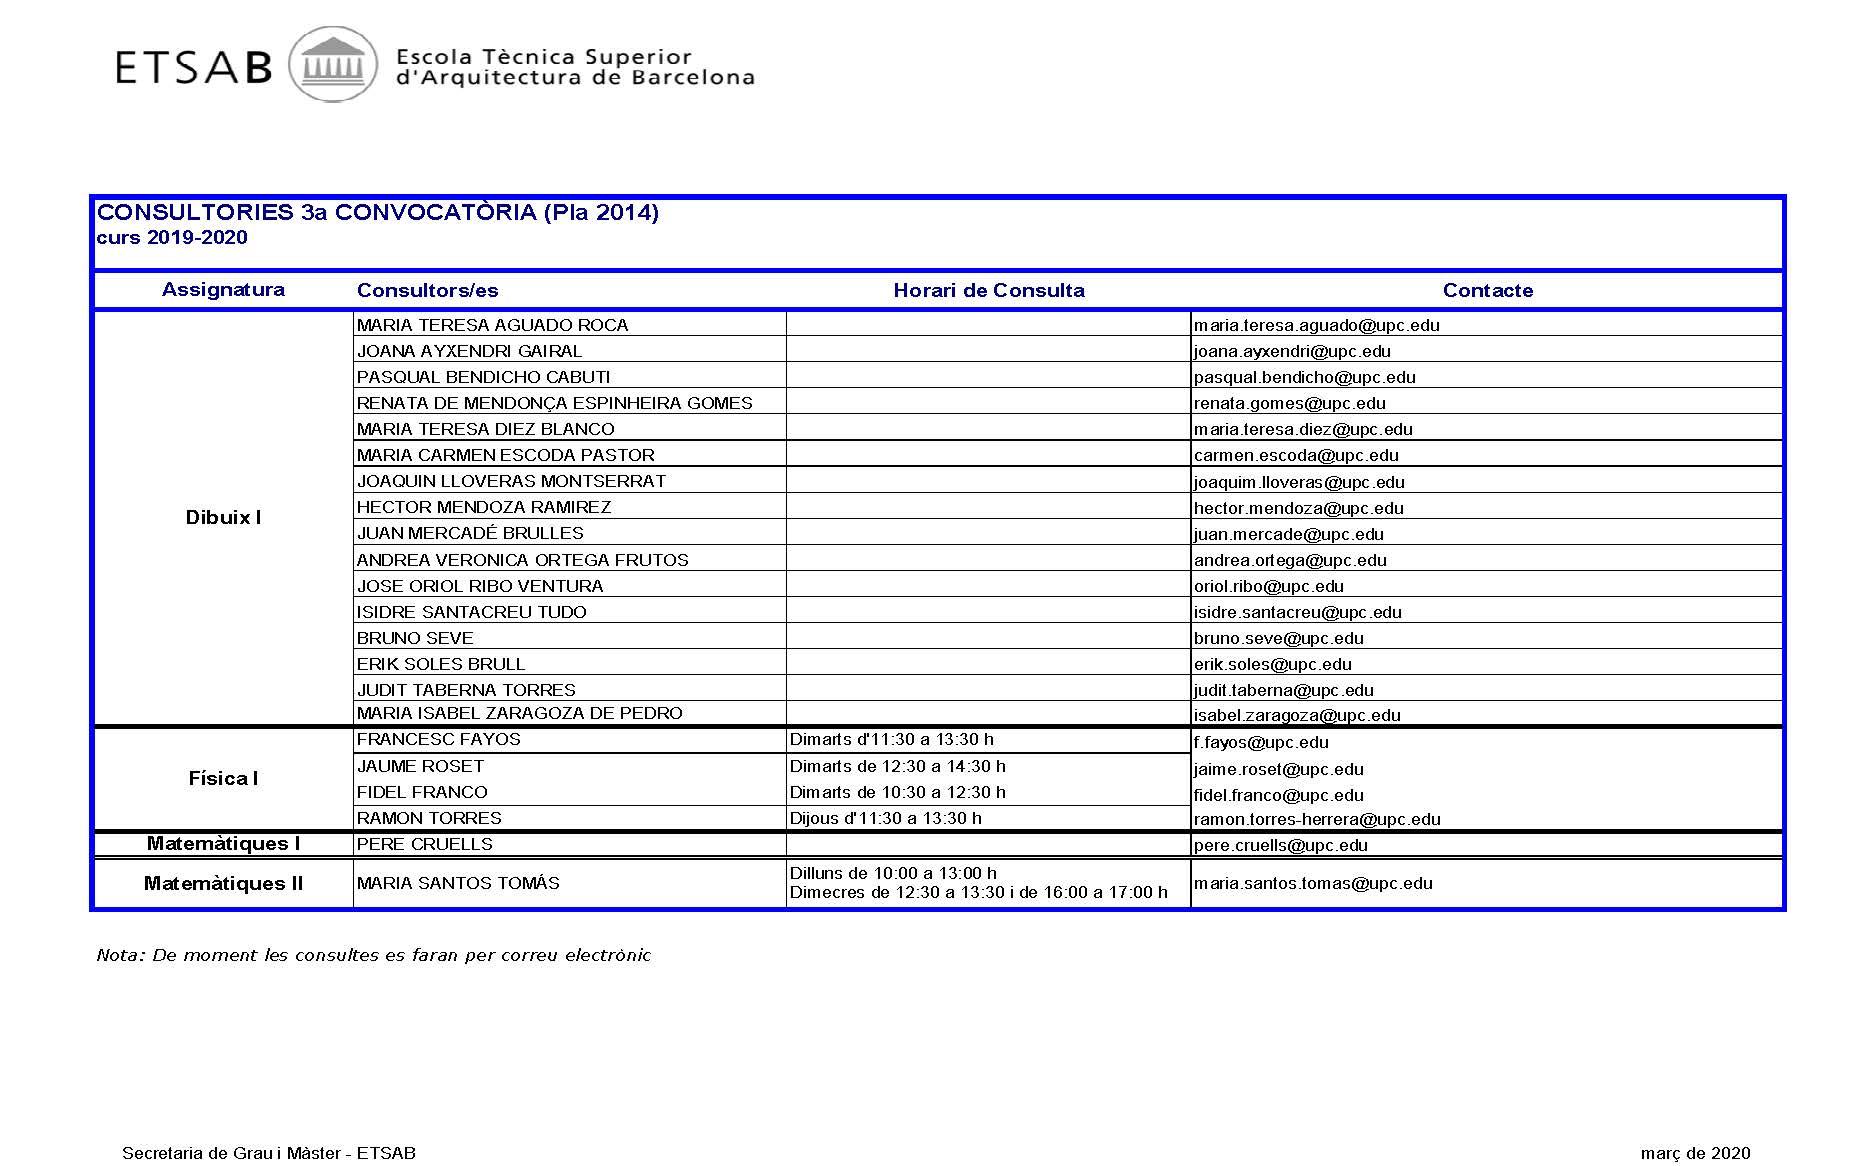 Consultors 3a conv 19-20.jpg